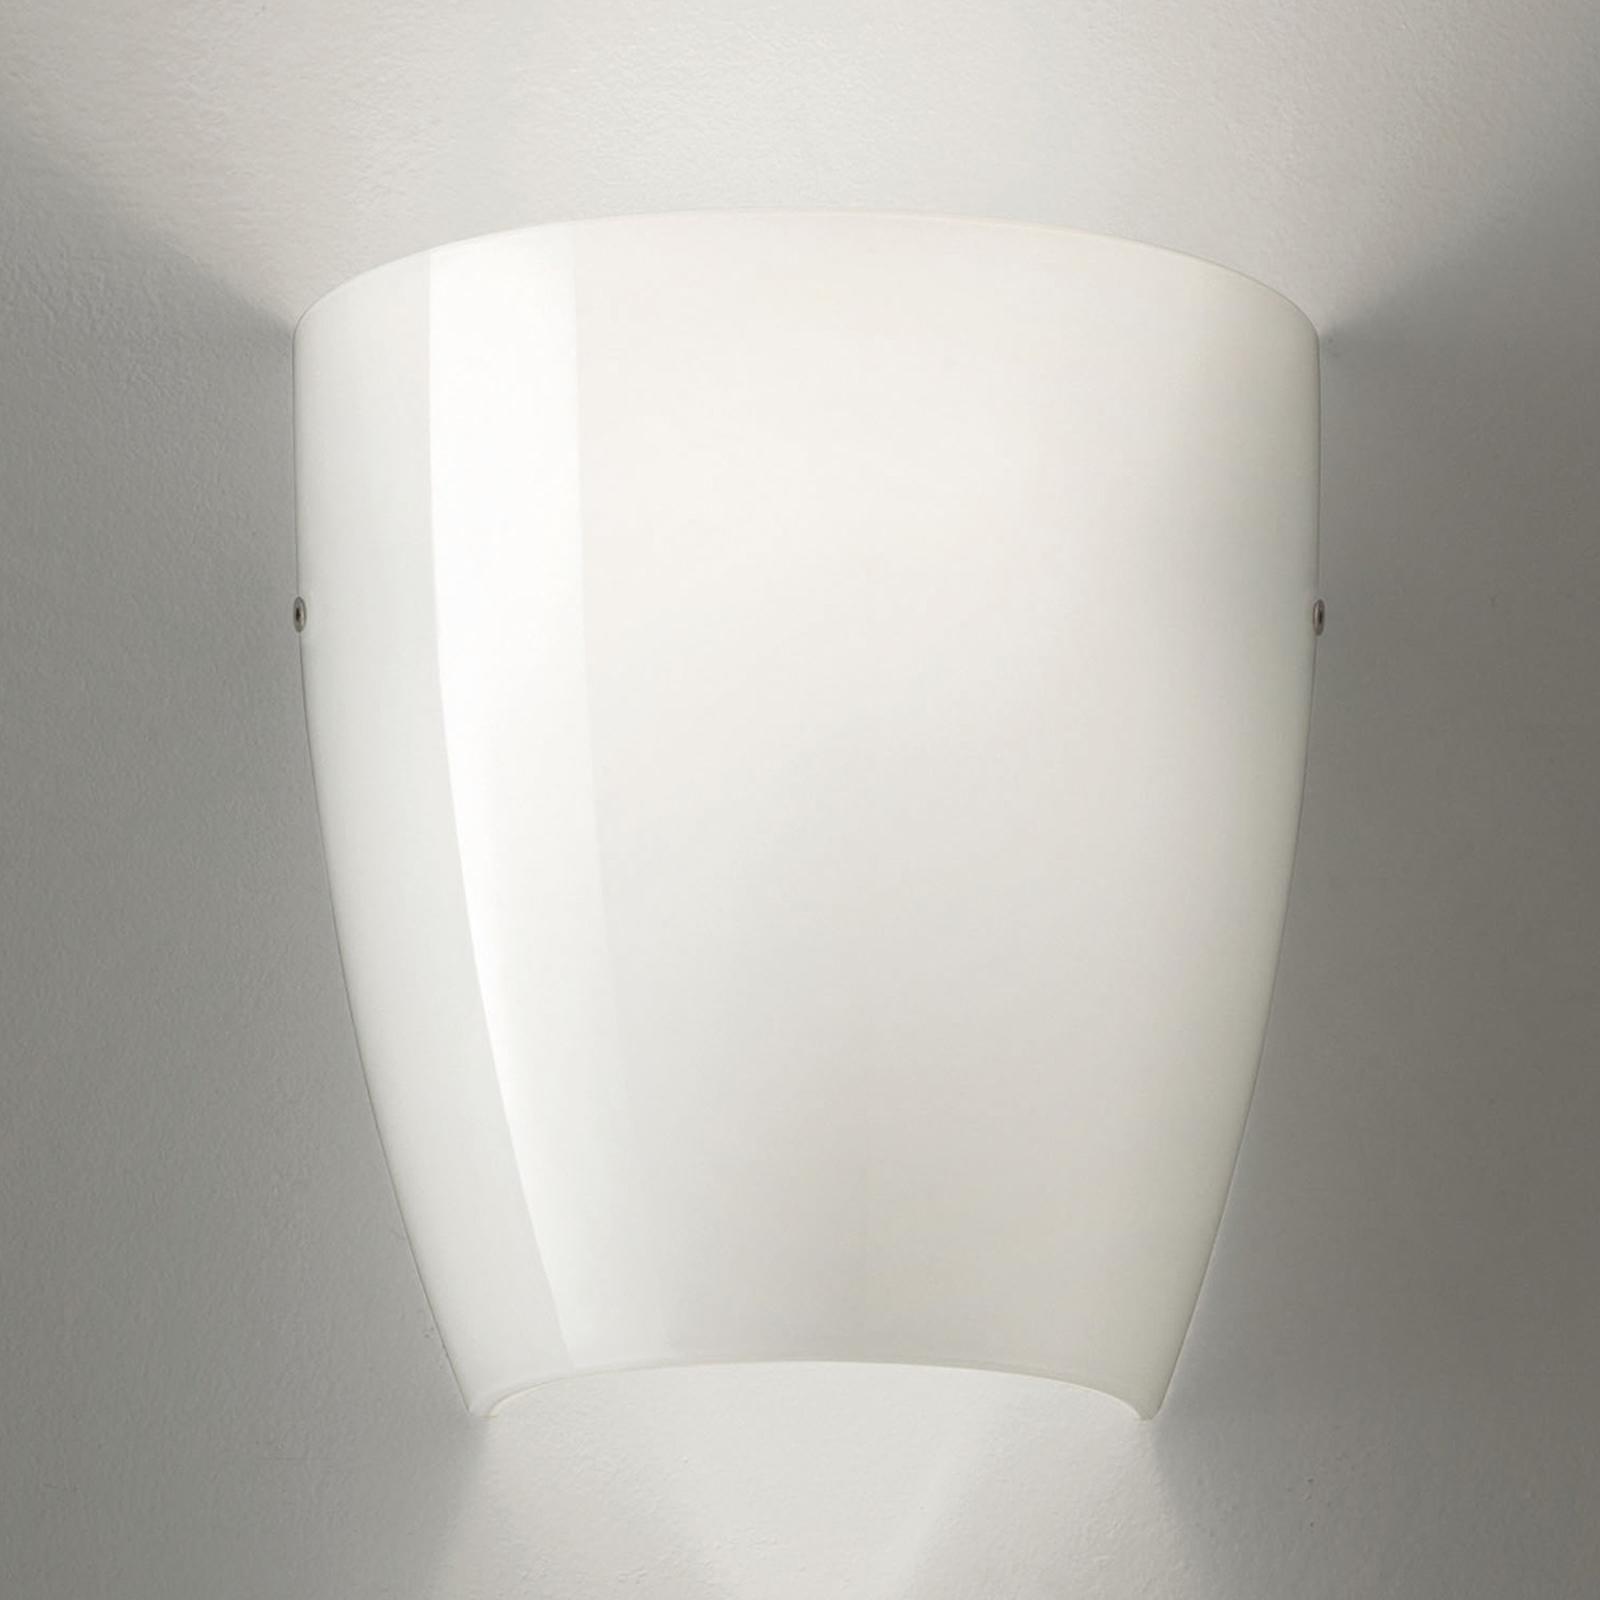 Seinälamppu Dafne lasista, kiiltävä valkoinen